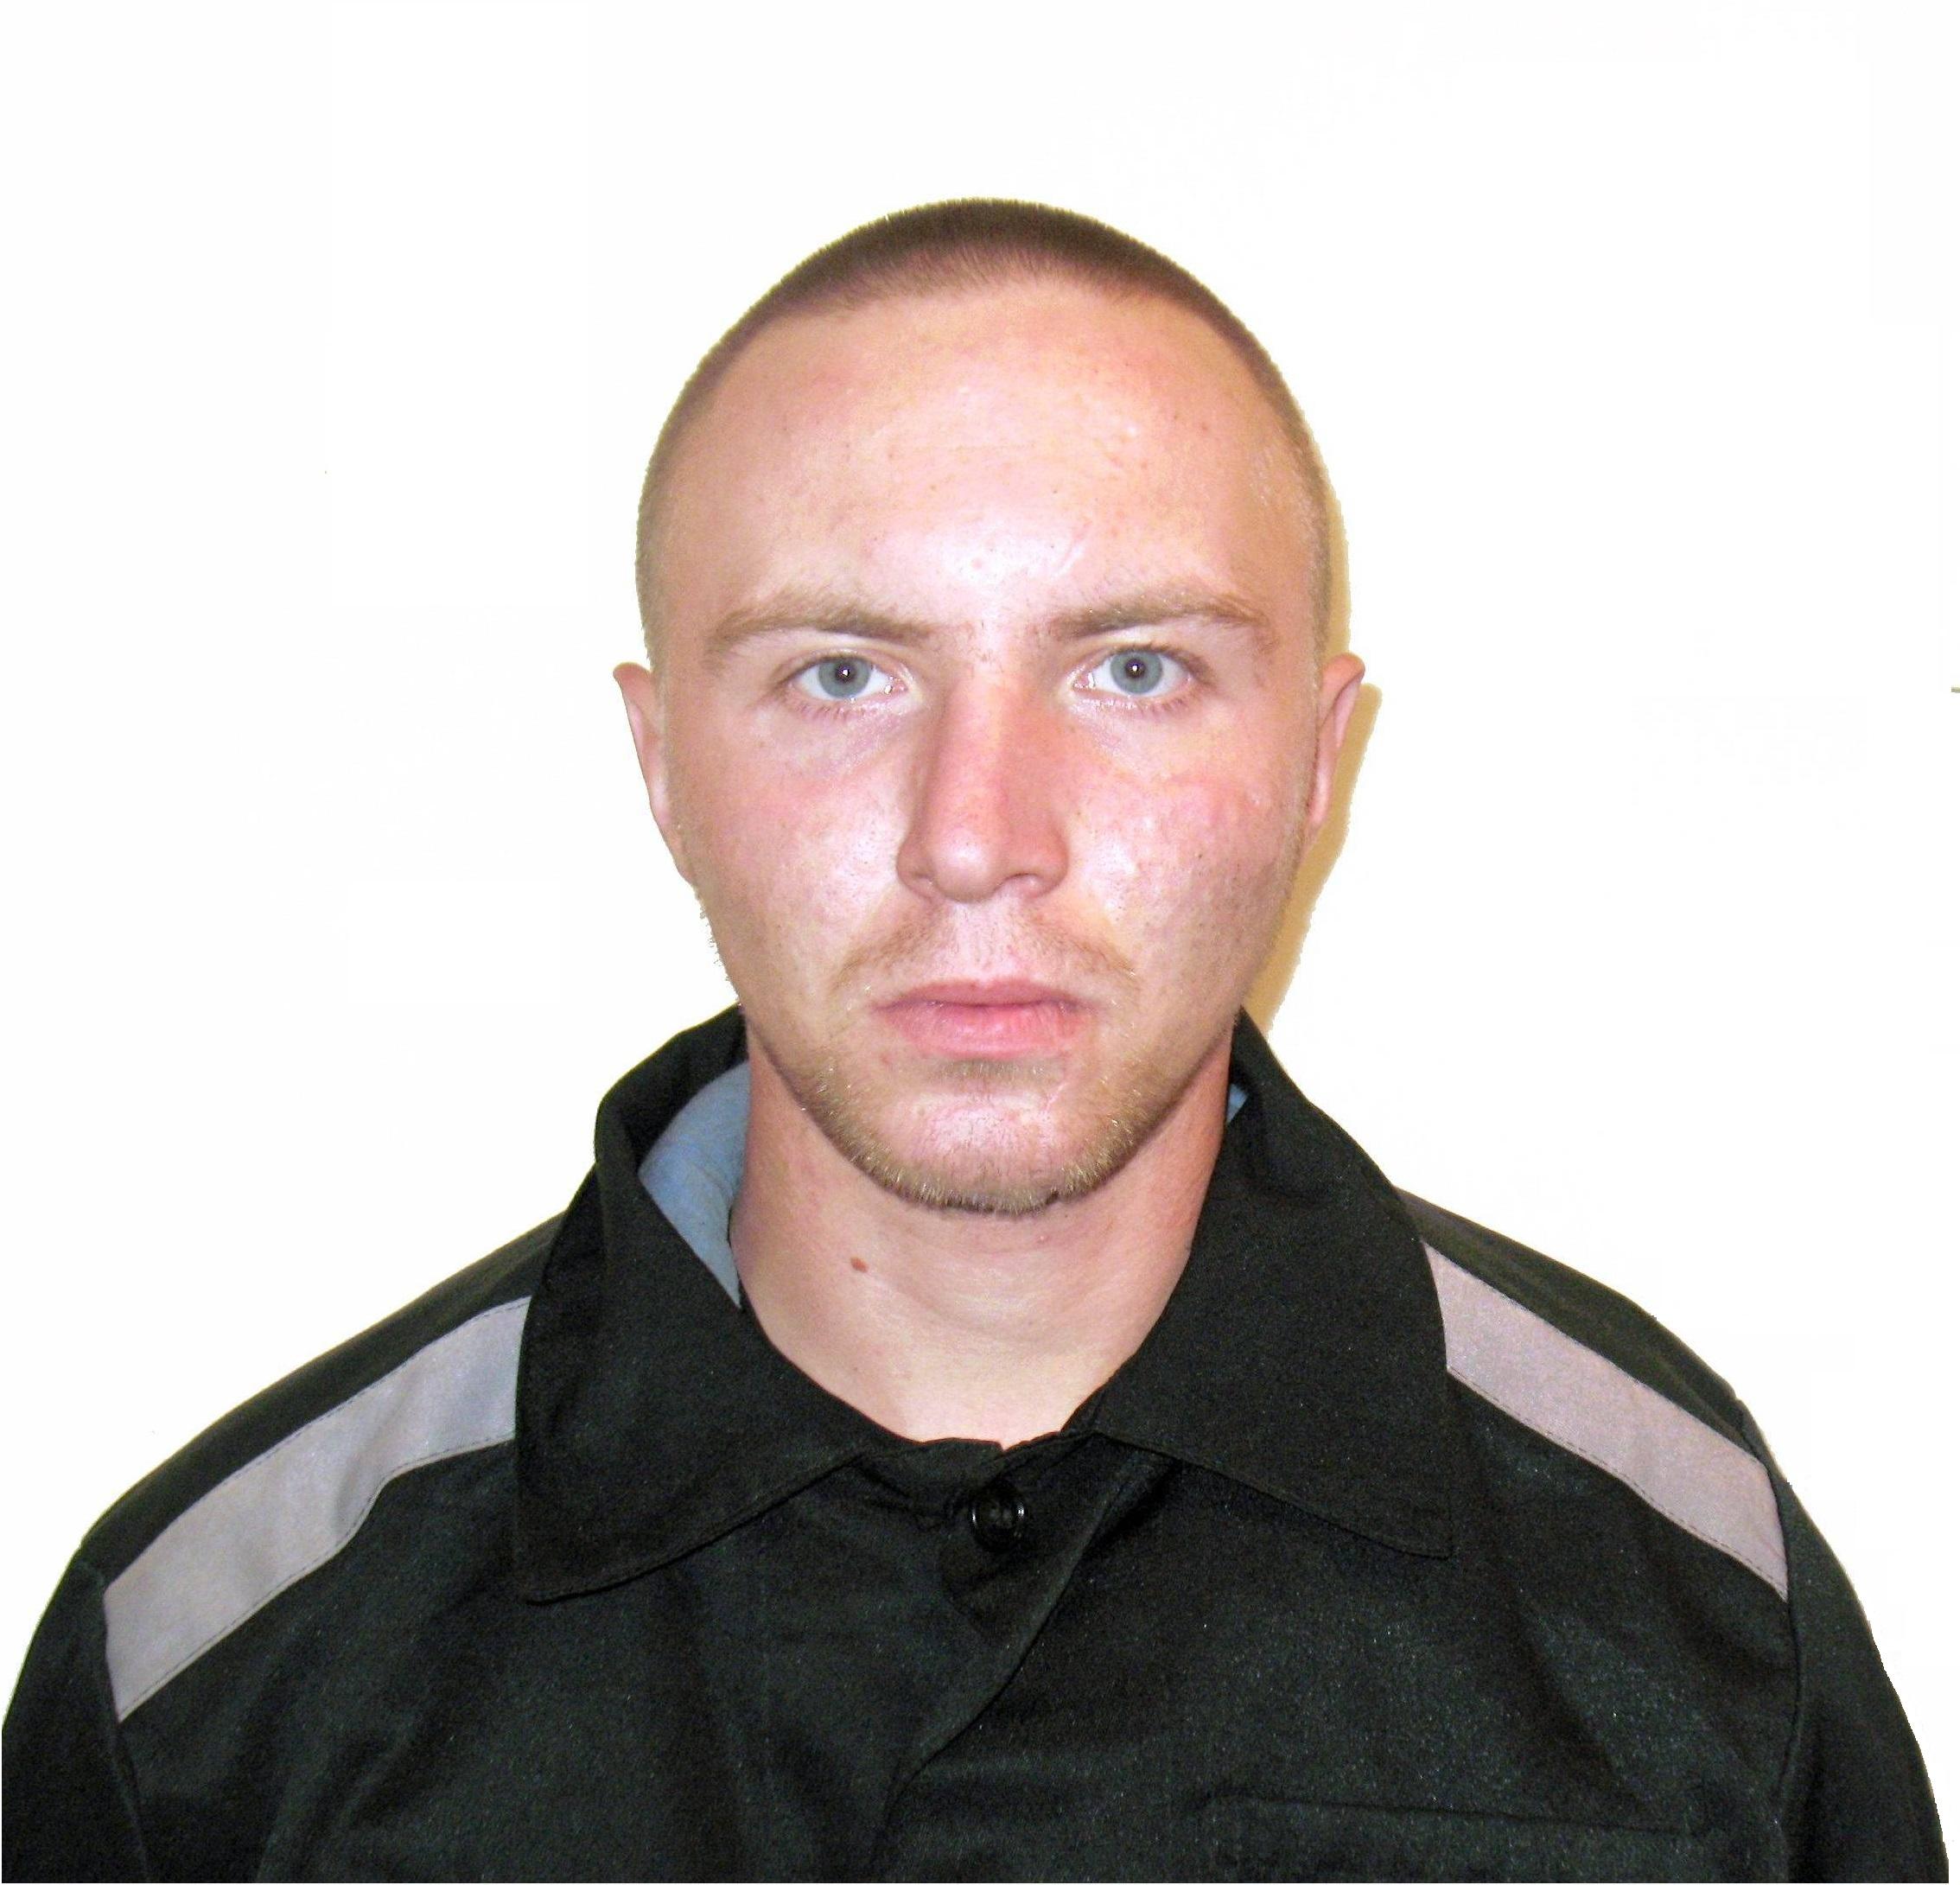 Осужденный убежал изколонии-поселения вСвердловской области